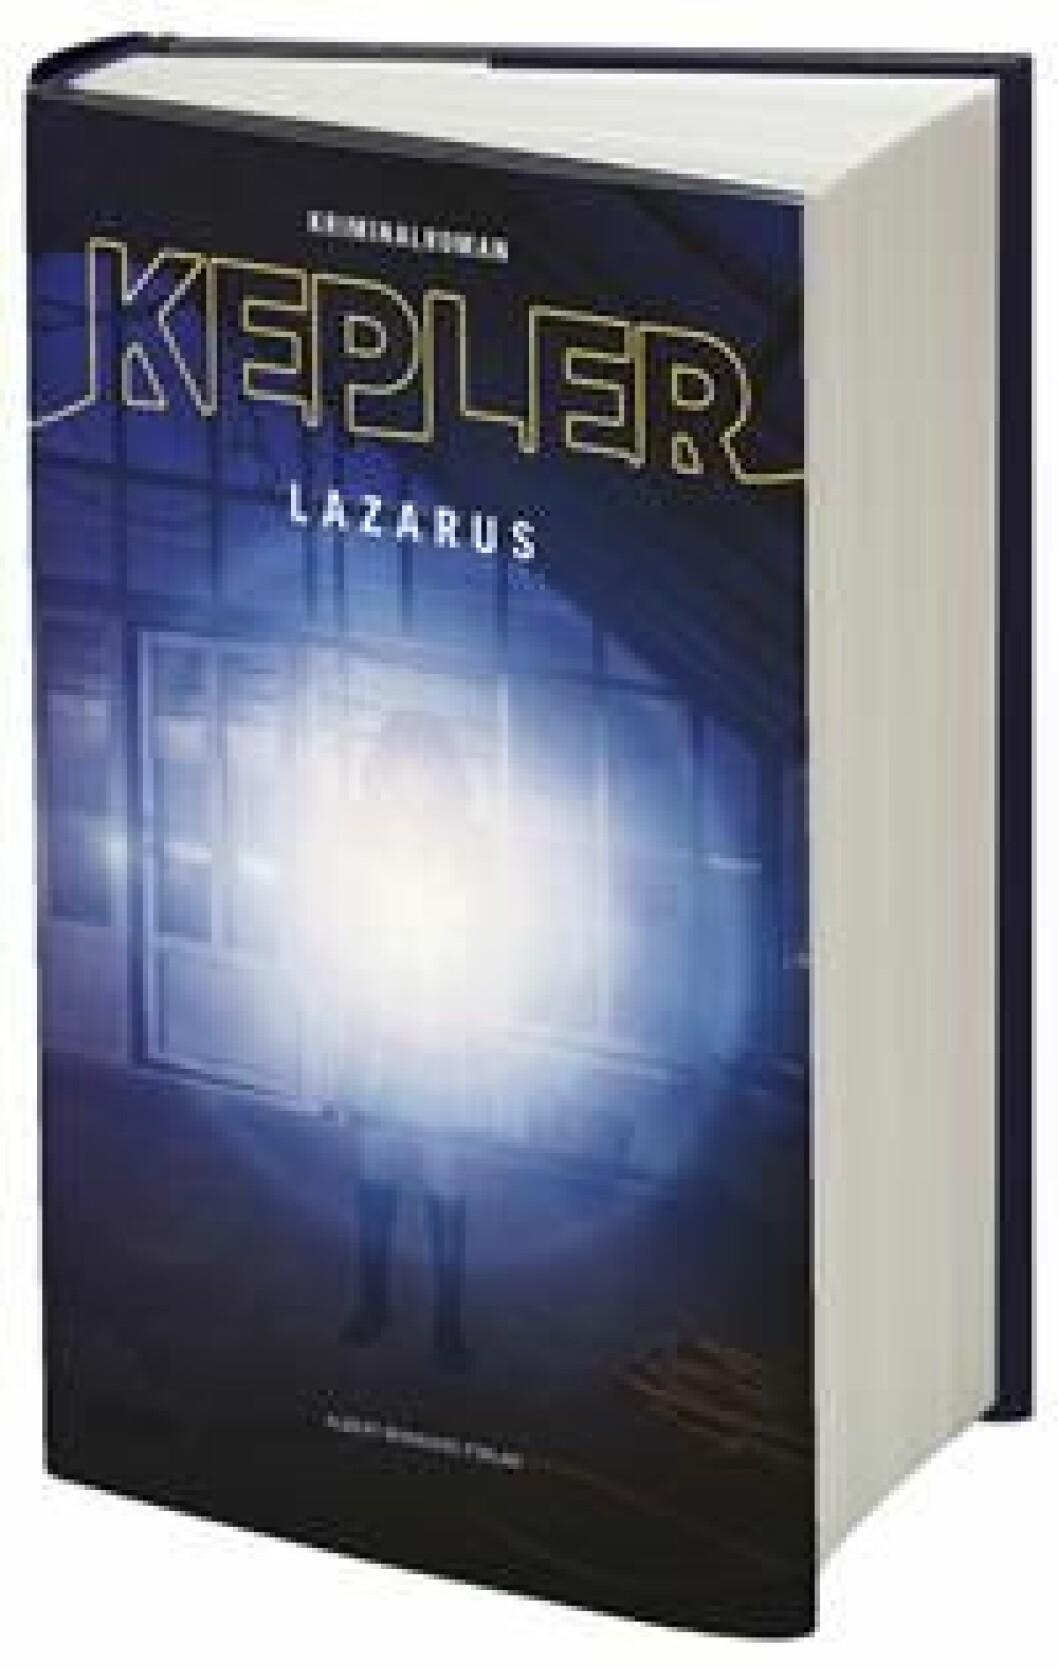 Lazarus Kepler